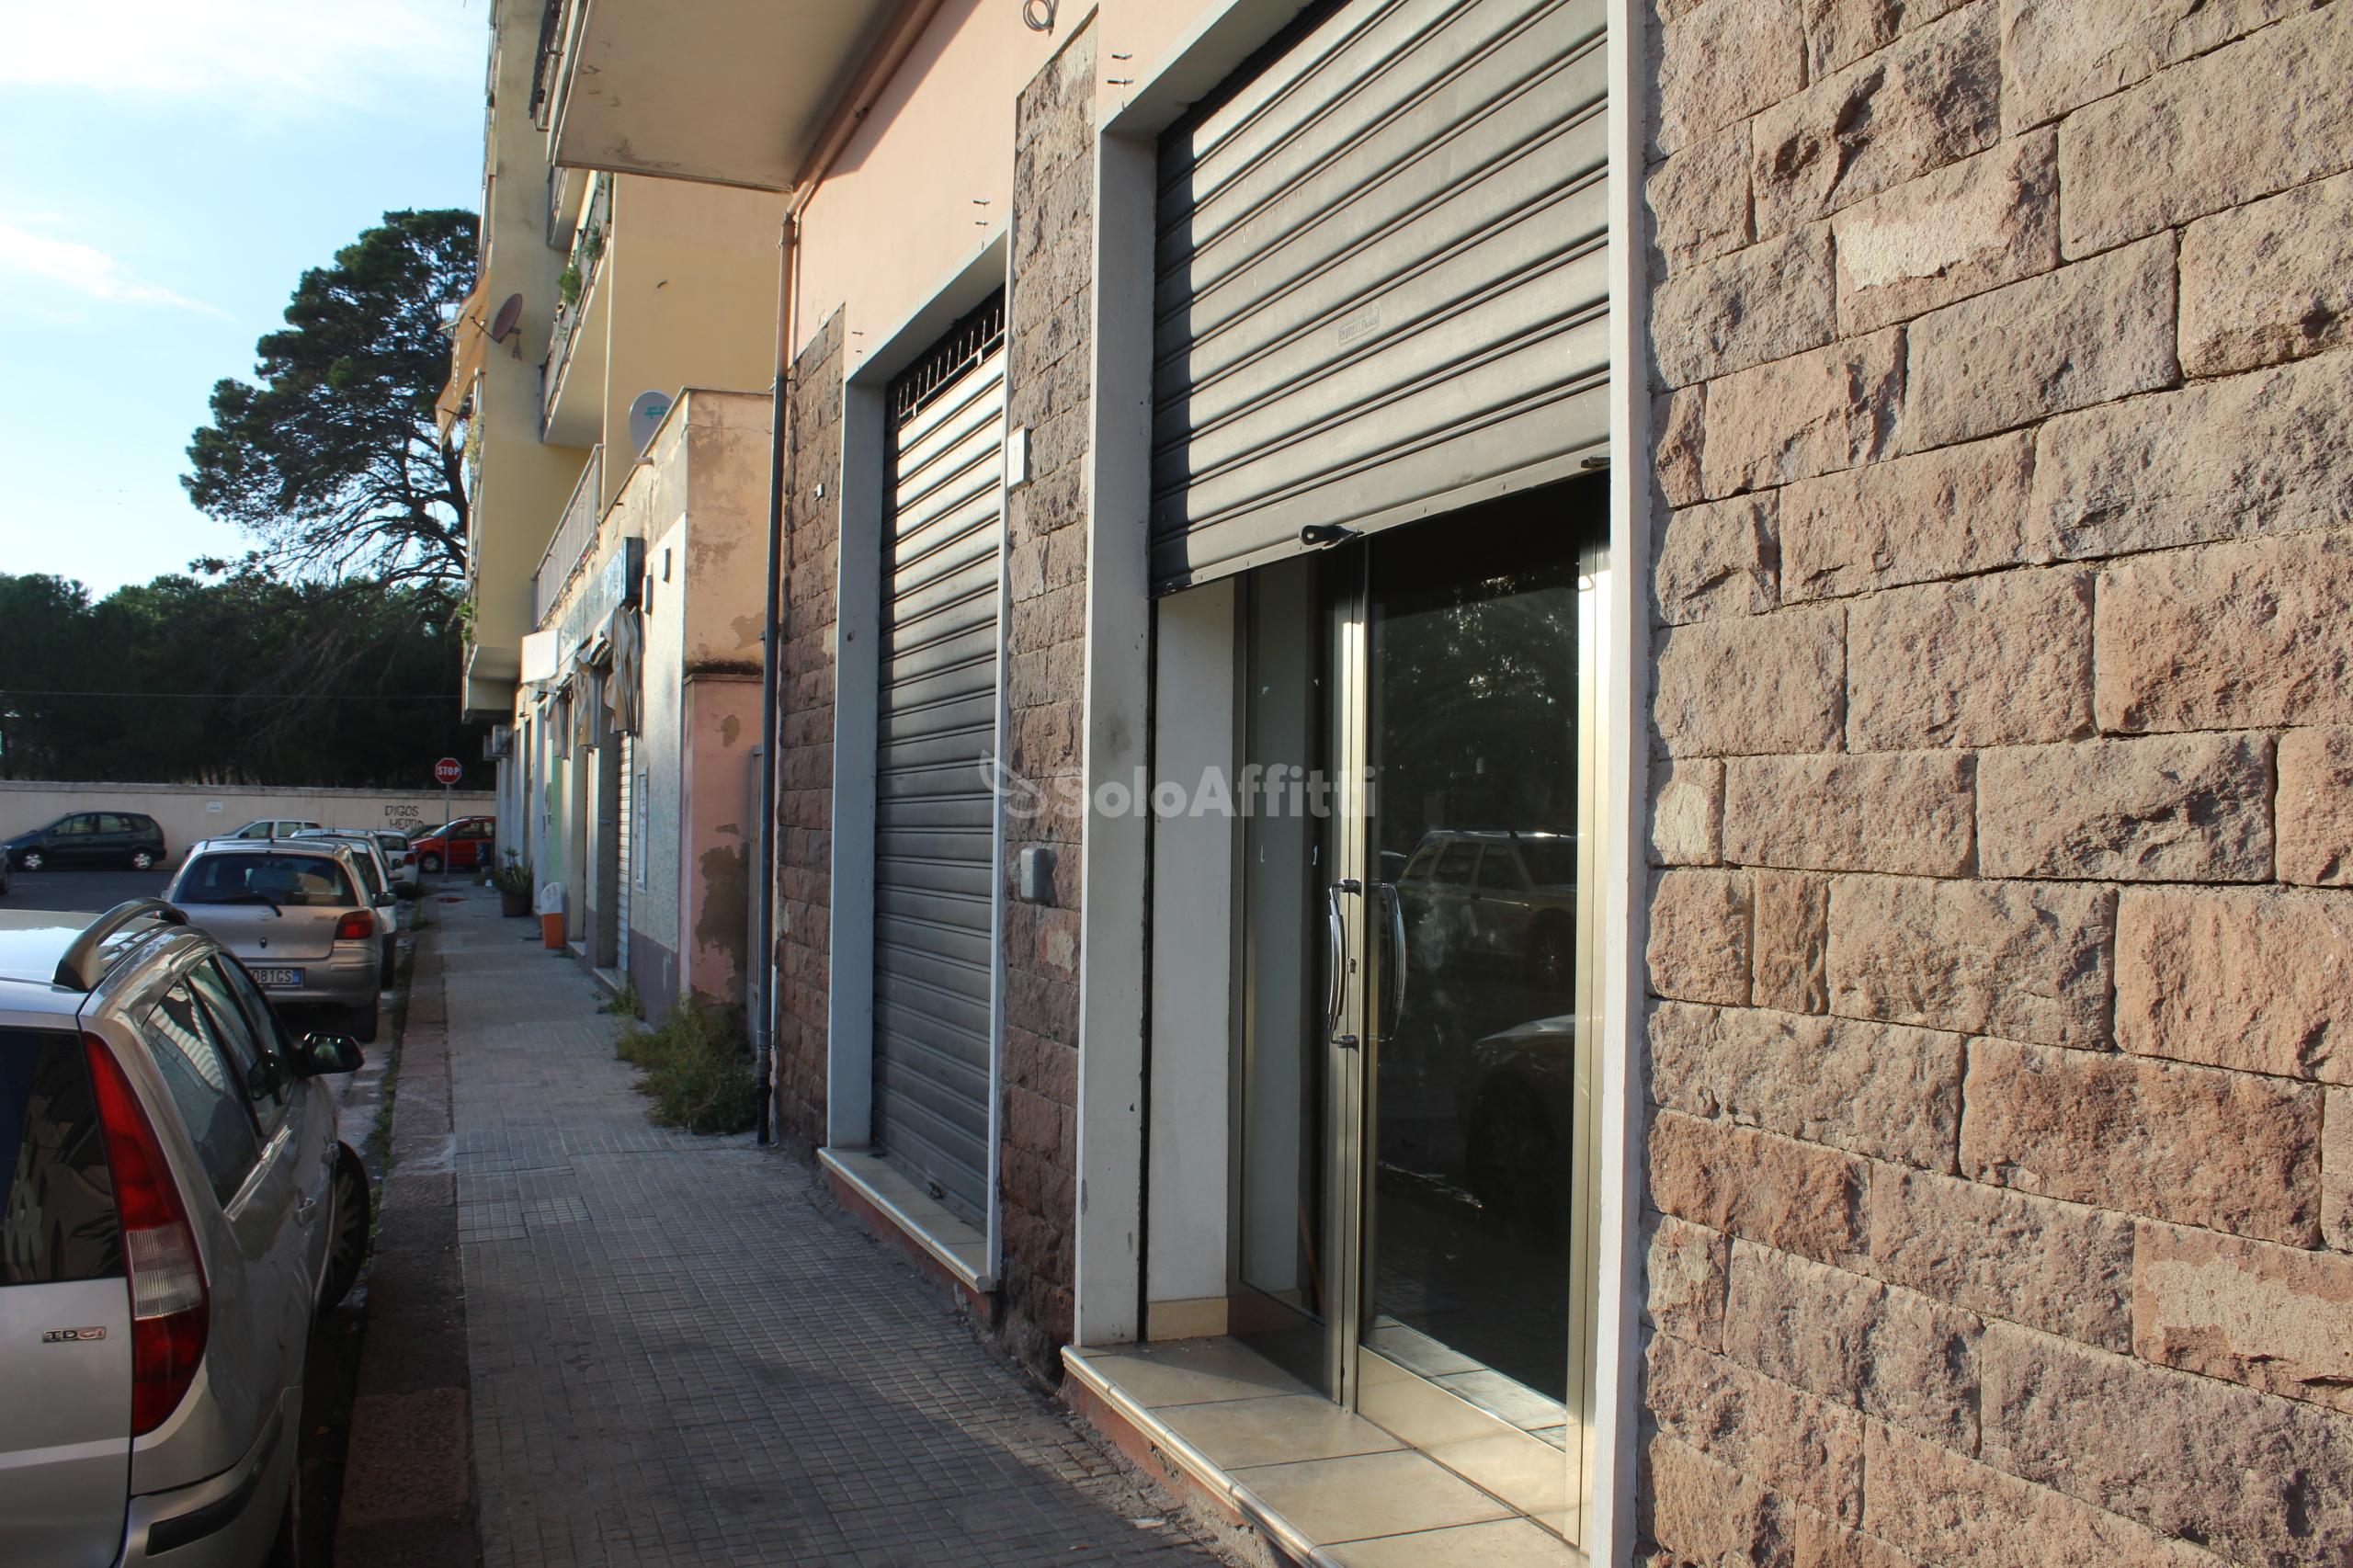 Immobili in affitto sassari case uffici e negozi in affitto for Case affitto sassari non arredate